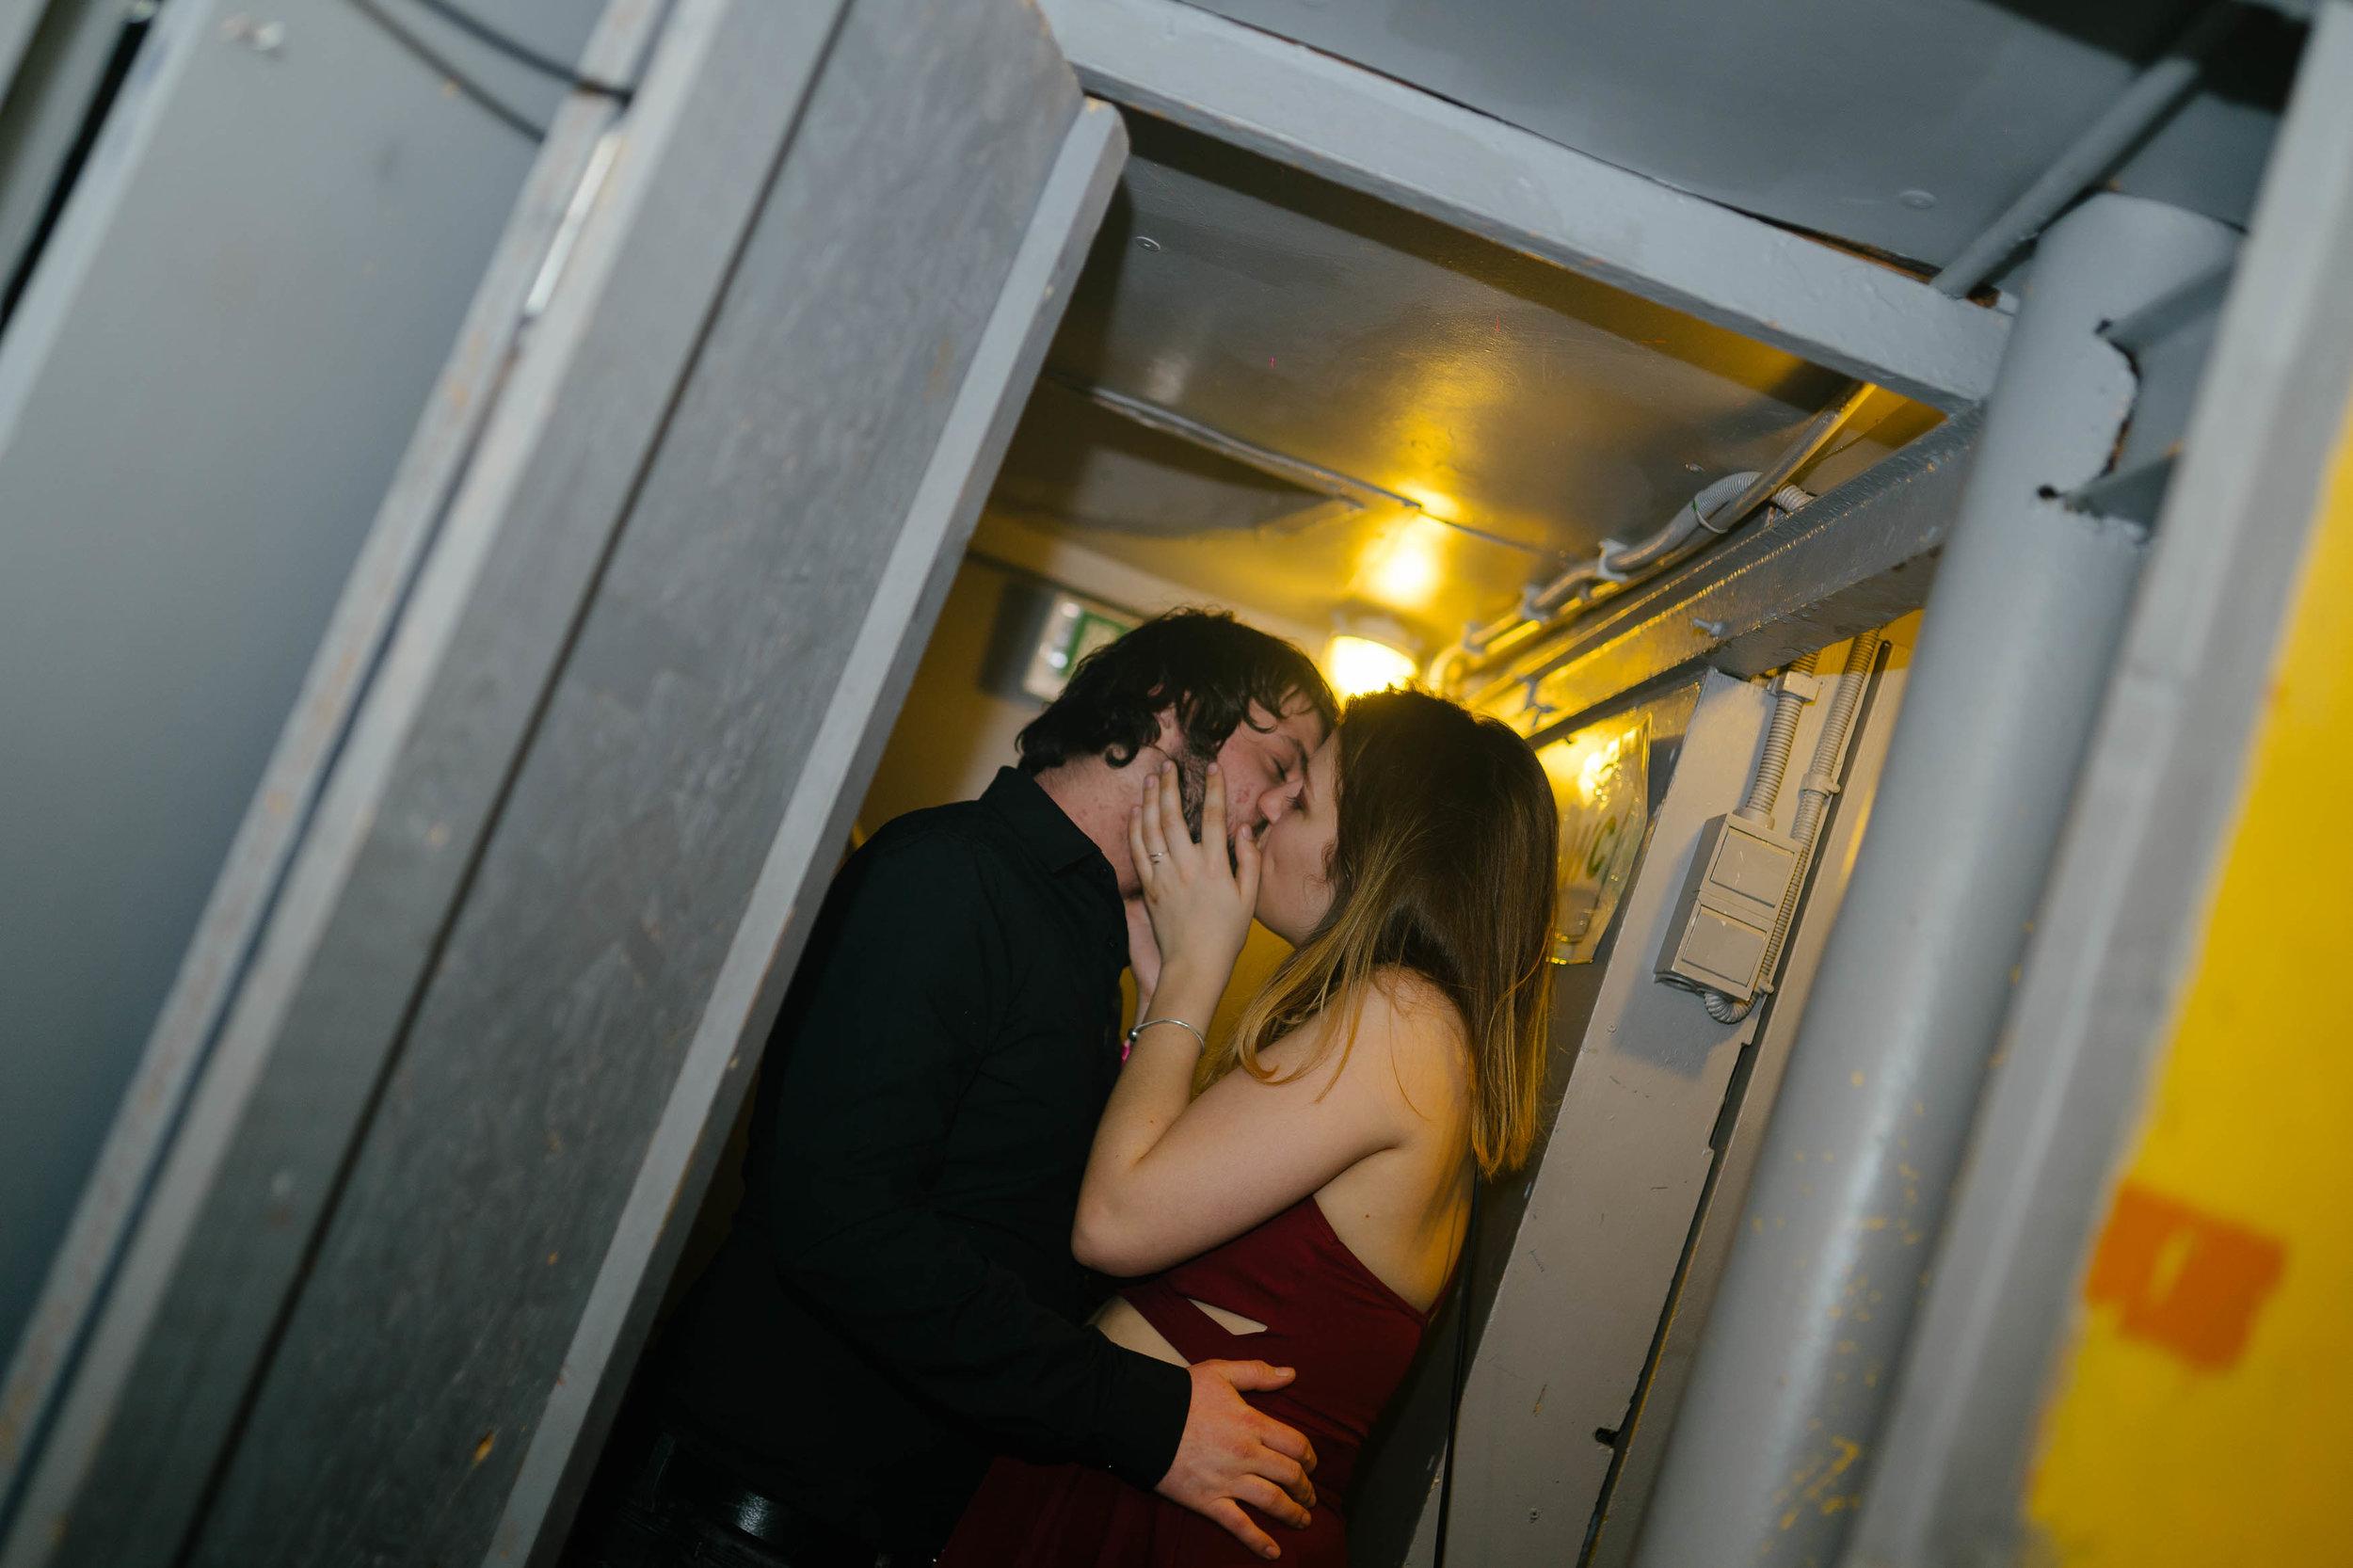 photographe-vidéaste-event-portrait-mariage-41.jpg